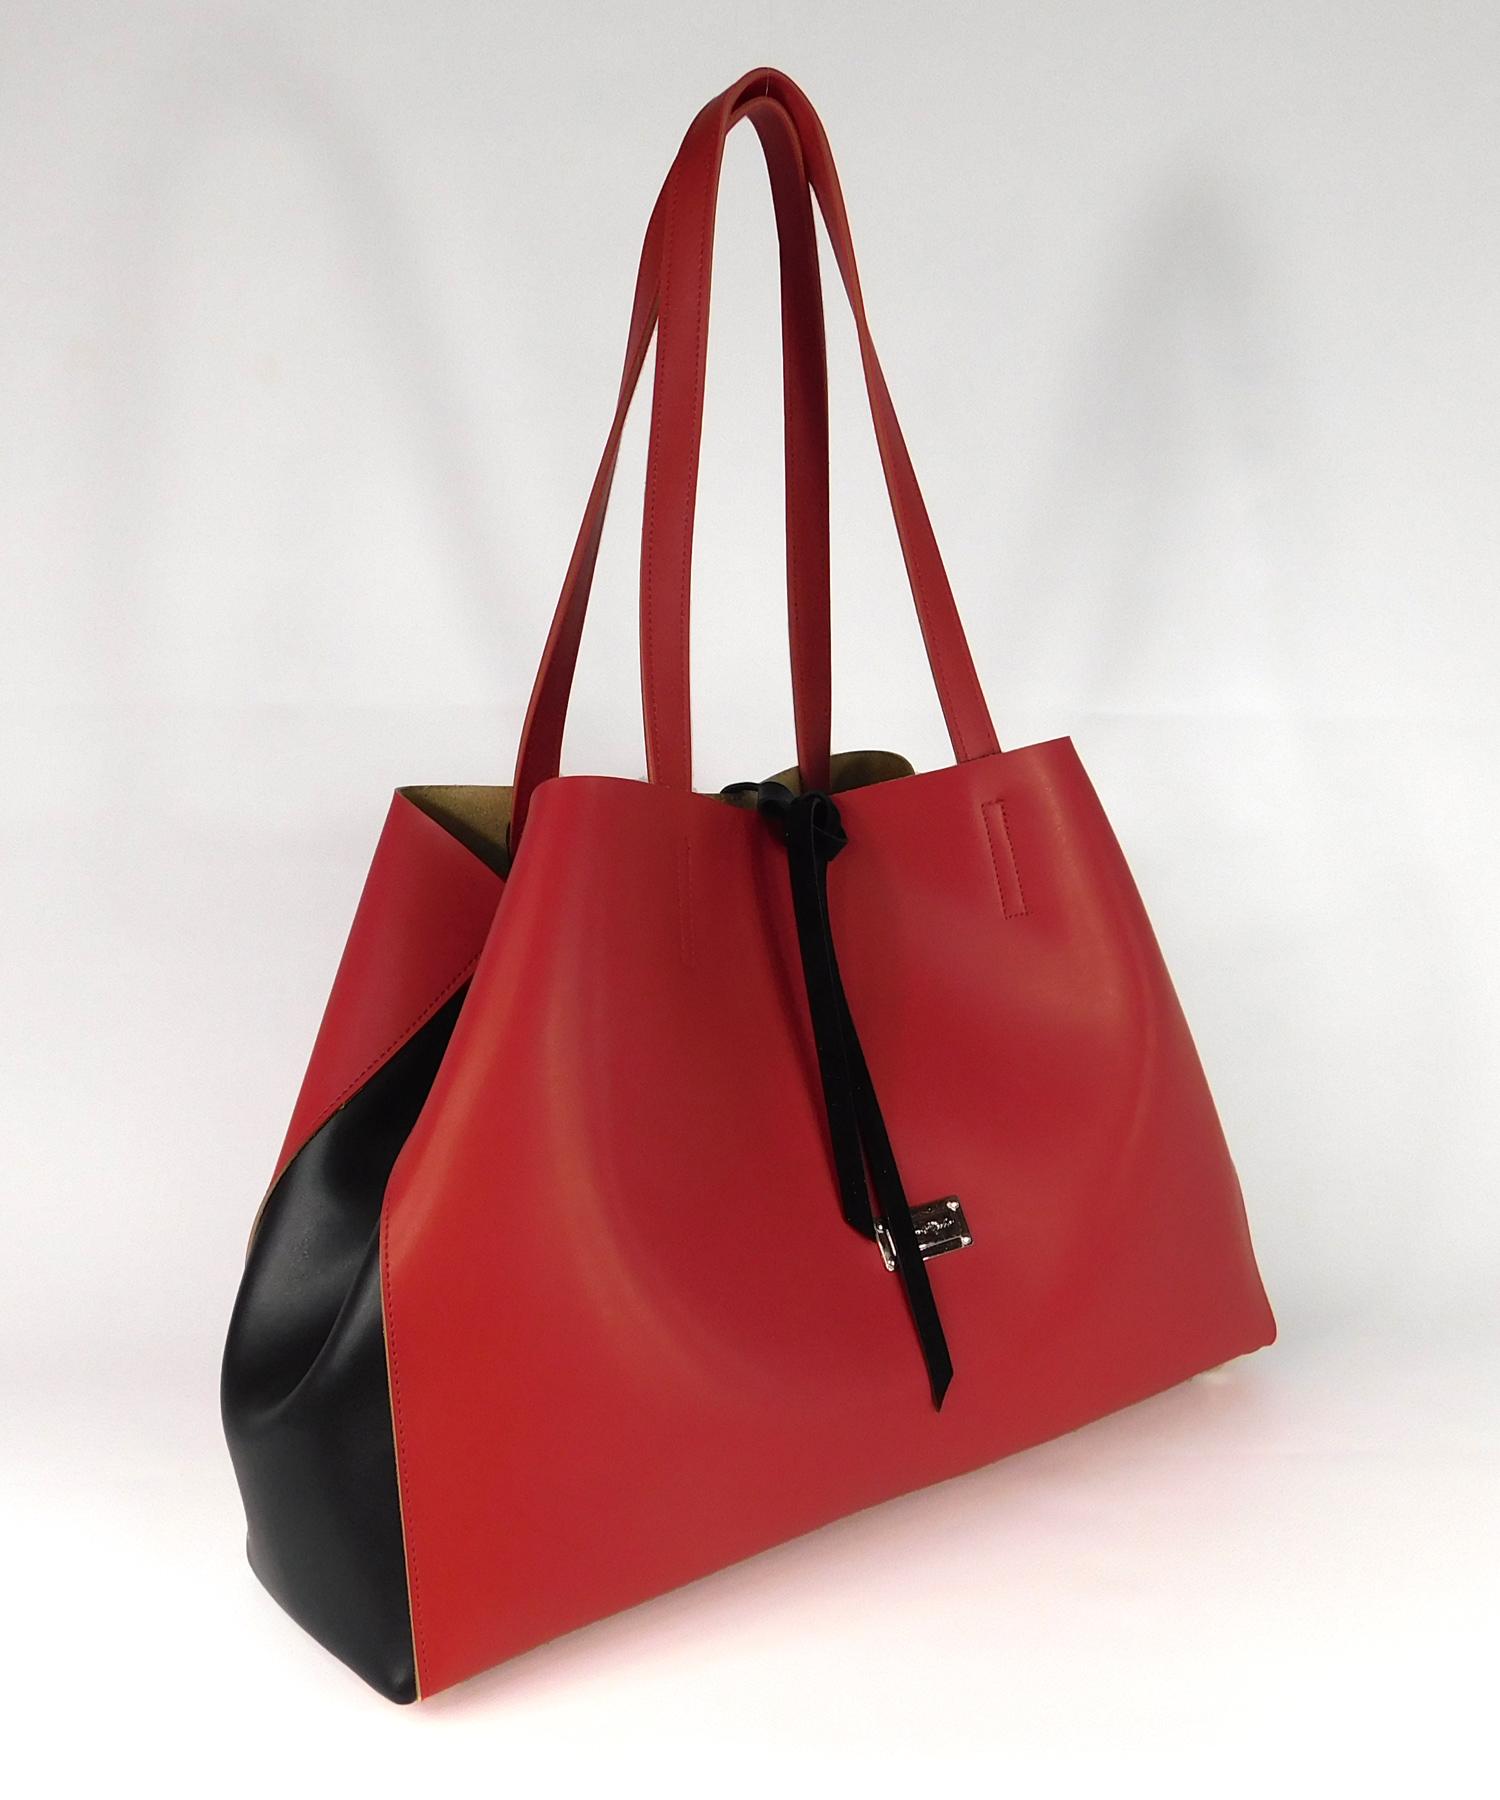 Τσάντα Ώμου Μεγάλη Κόκκινη Μαύρη